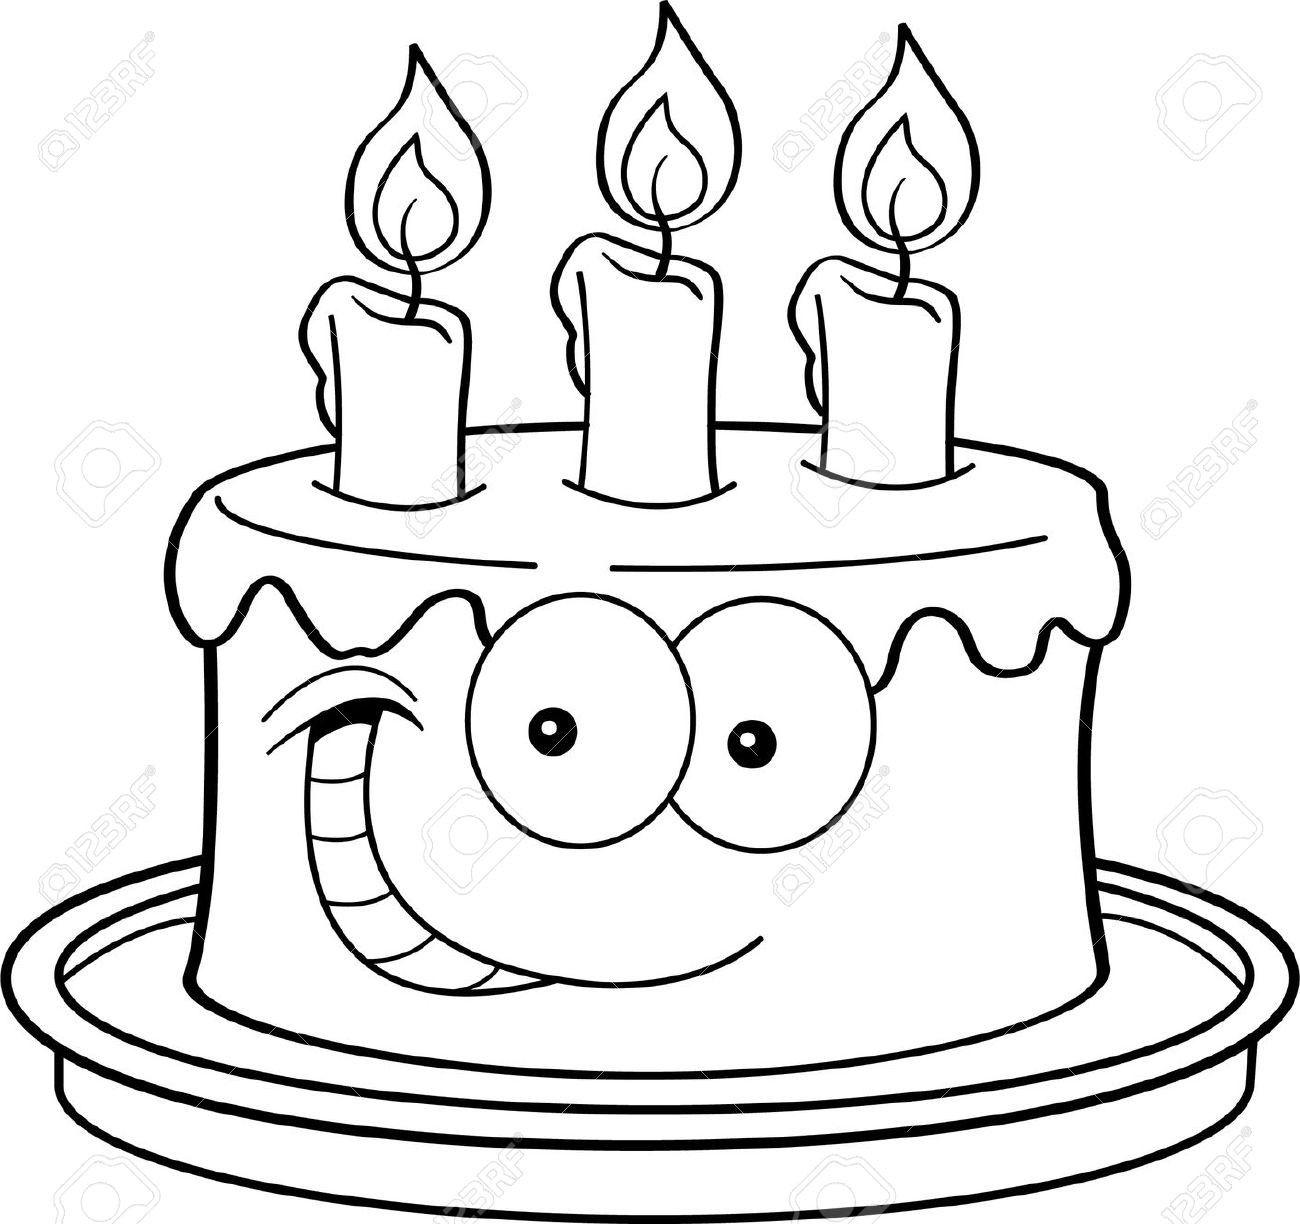 20 Besten Ideen Geburtstagskuchen Clipart Schwarz Weiß Beste Wohnkultur Bastelideen Coloring Und Frisur Inspiration Clipart Kuchen Zeichnung Kinder Zeichnen